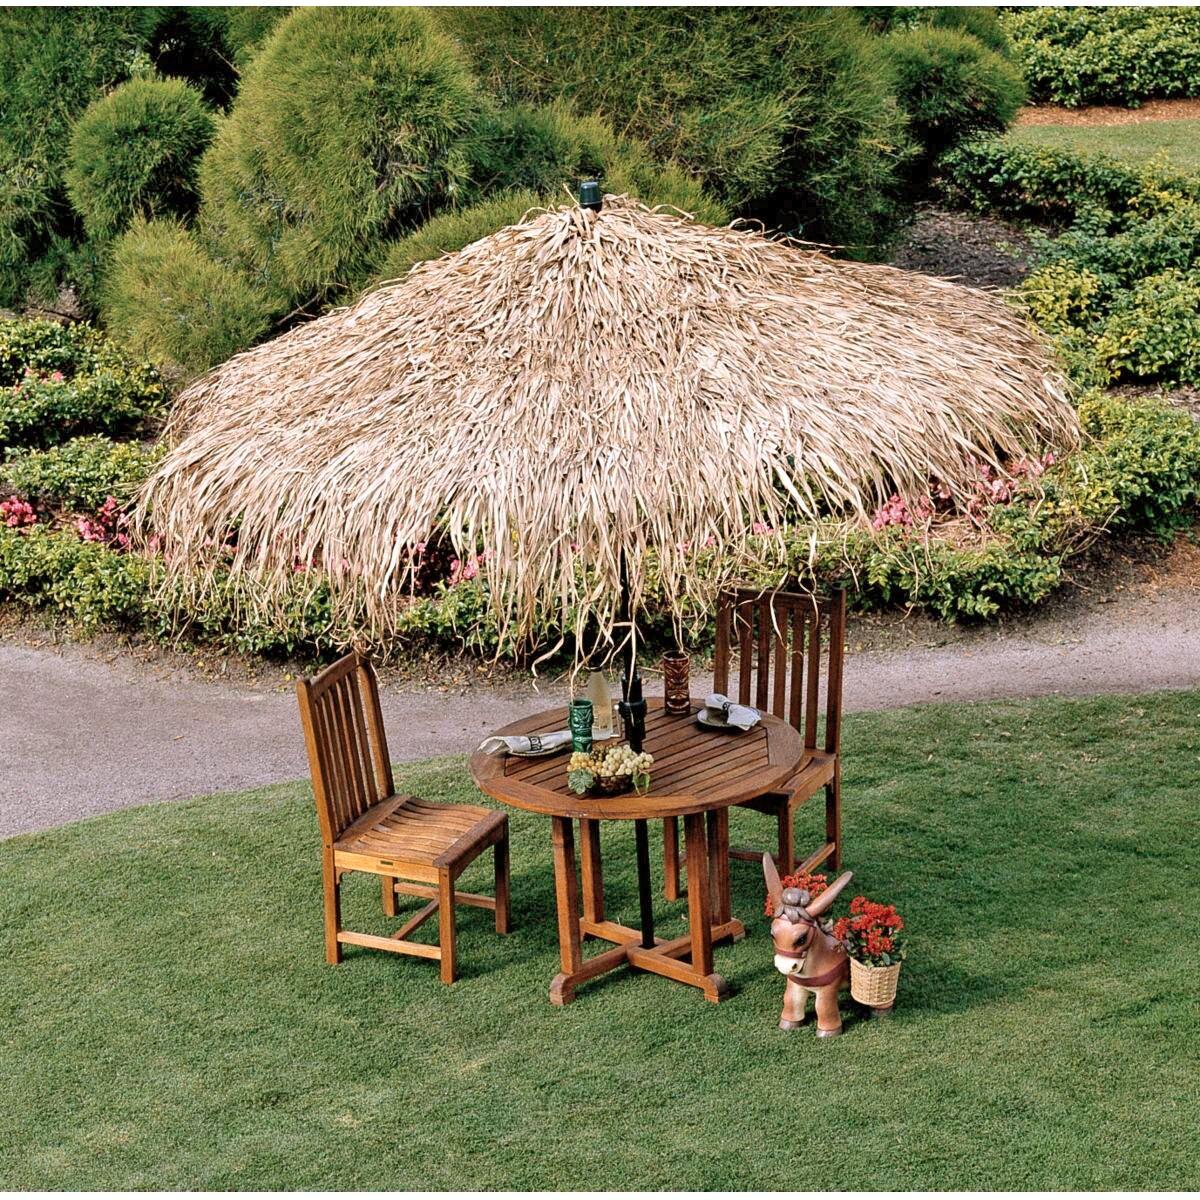 Design Toscano Tropical Thatch Umbrella Cover & Reviews ...